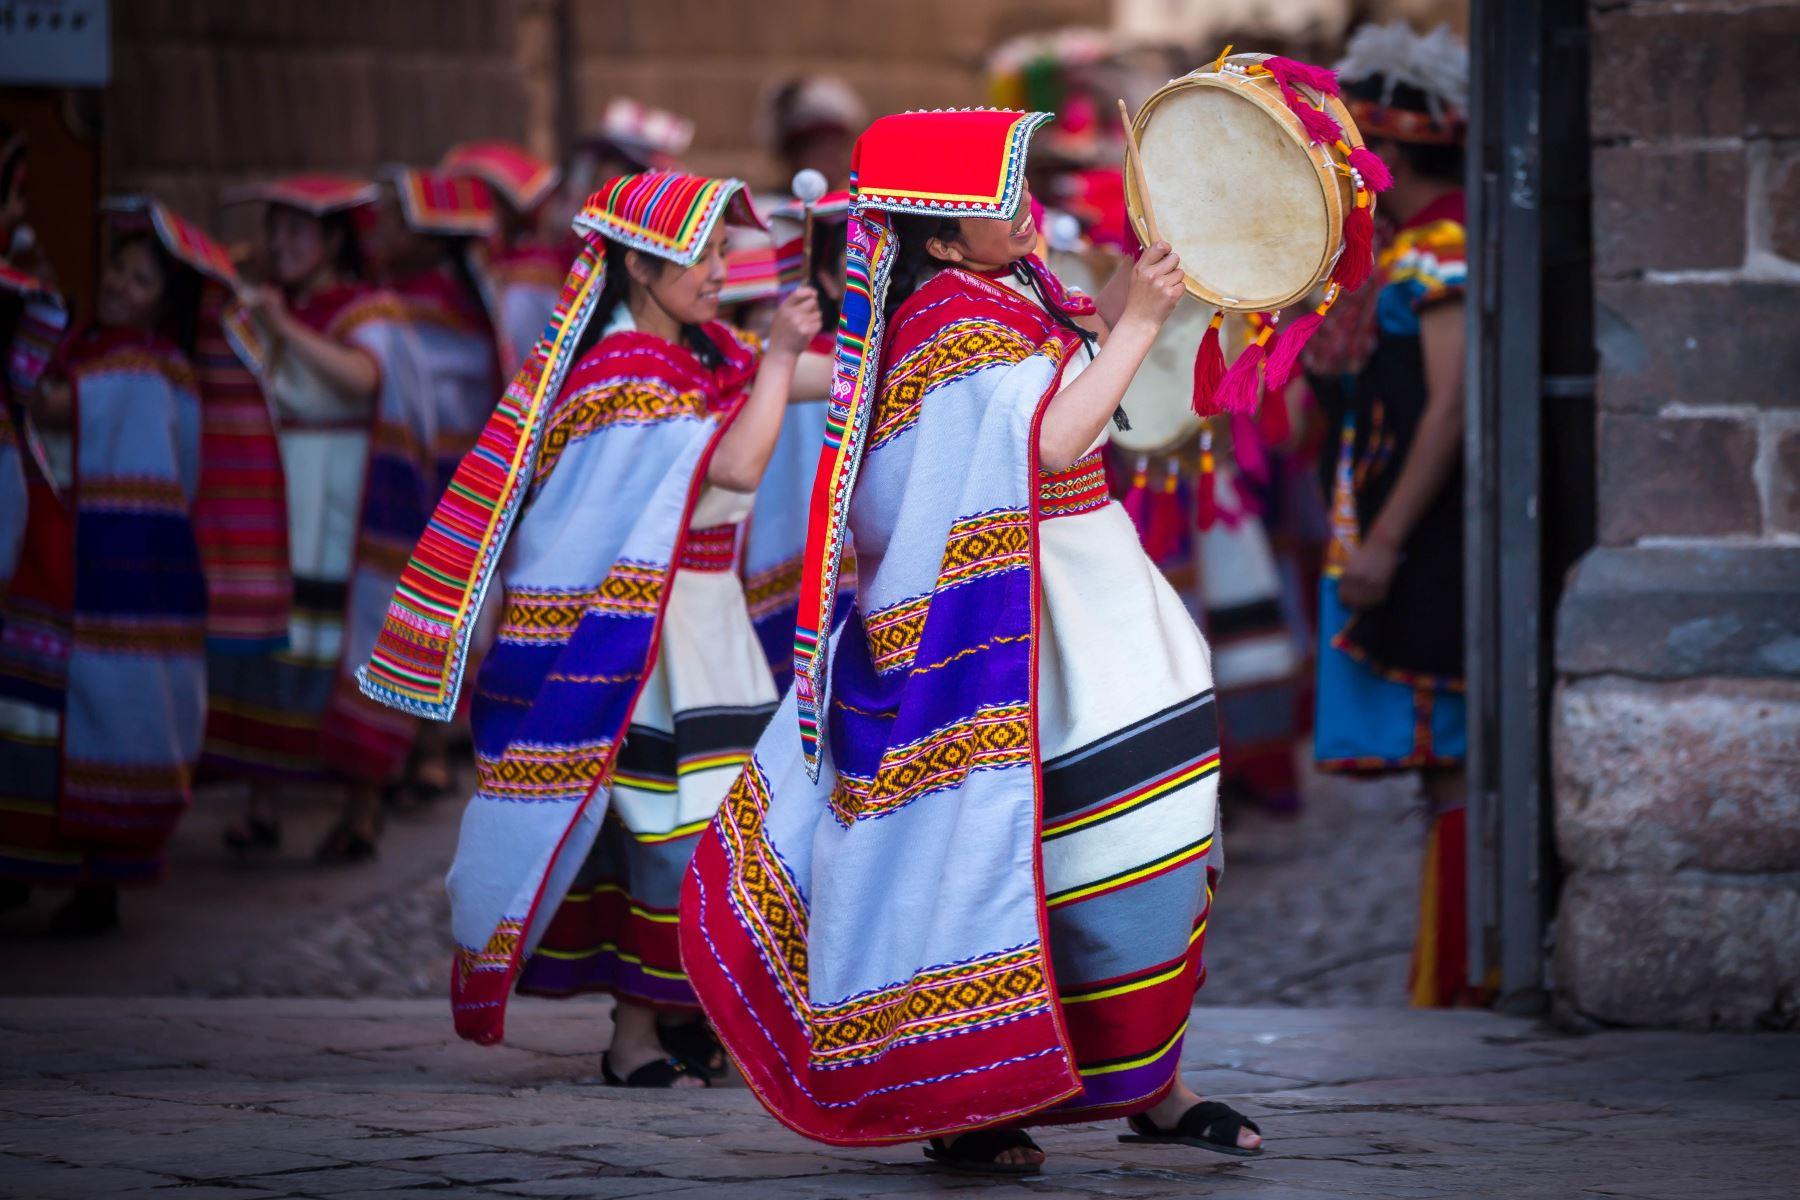 Cuenta la historia que la festividad del Inti Raymi fue instituida por el inca Pachacútec, en el siglo XV. Comenzó como una tradición religioso-cultural, que se celebraba cada solsticio de invierno (21 de junio) en honor al Sol, para que este no se alejara. Seis siglos después, se ha convertido en una ceremonia de interés turístico y cultural.Foto: ANDINA/EMUFEC